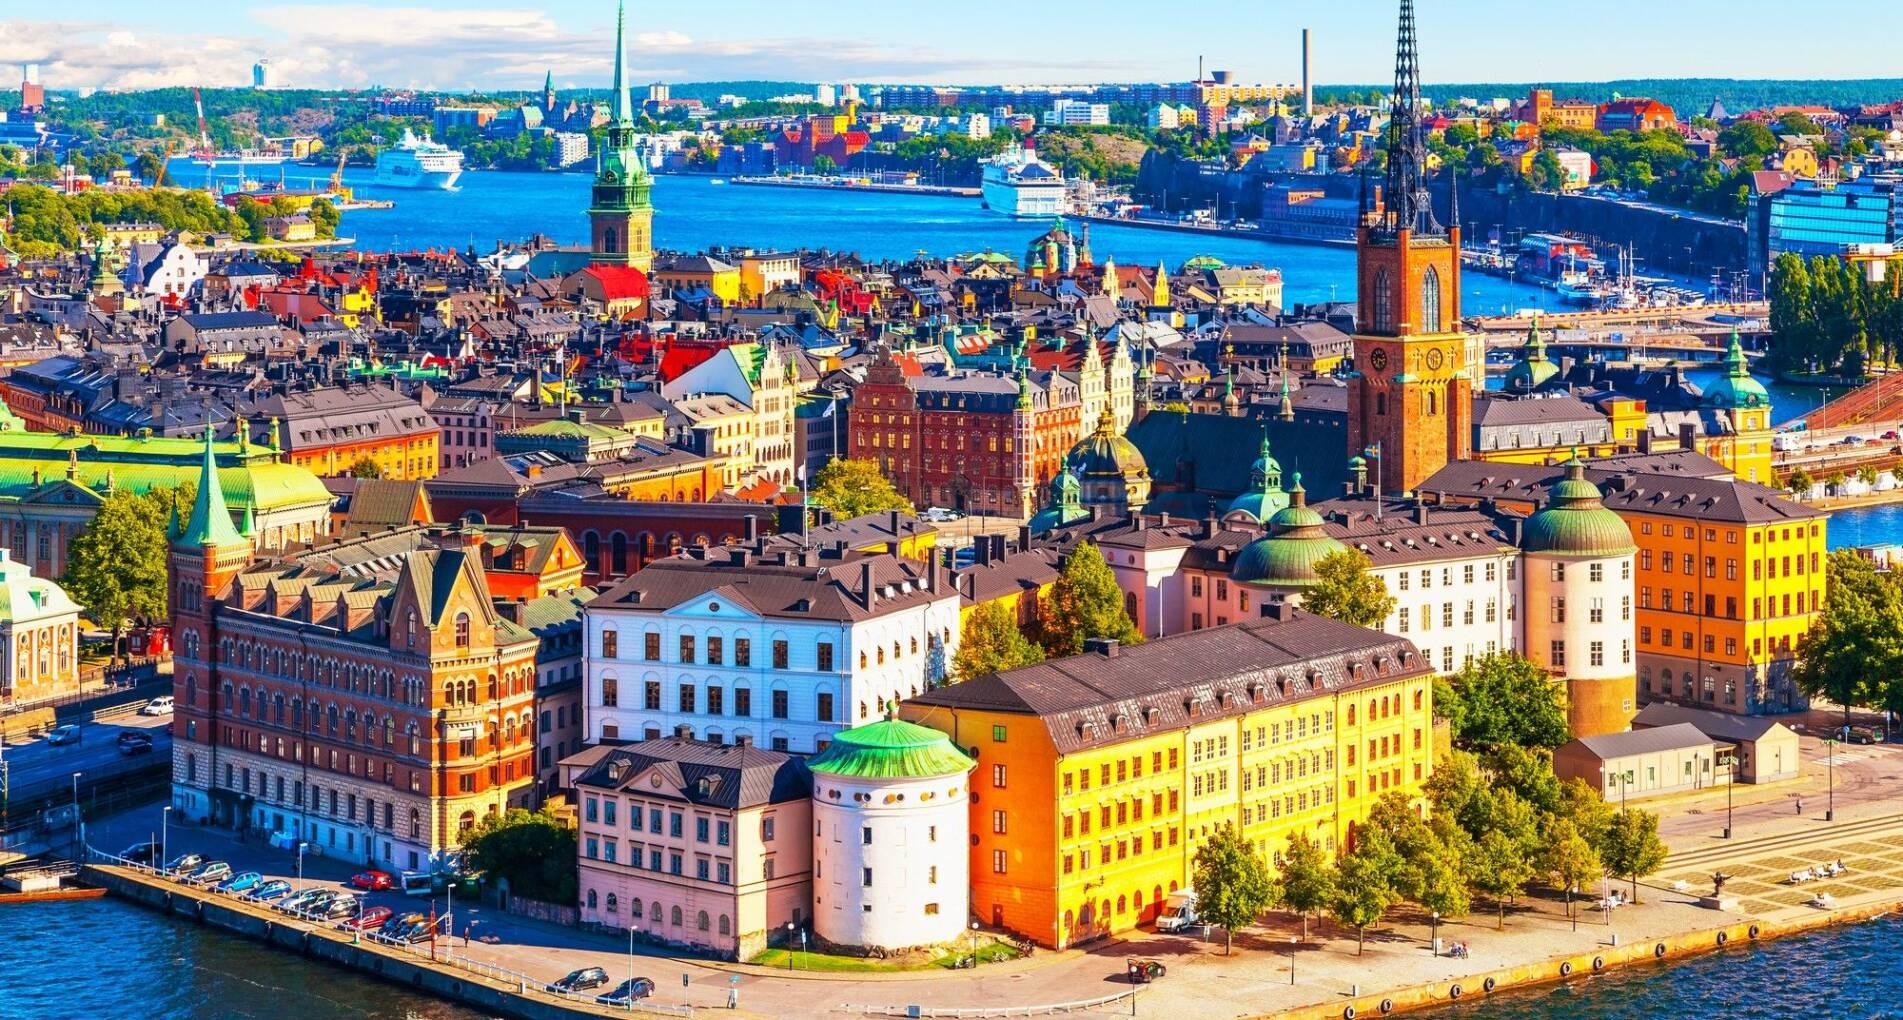 Citytrip: Stockholm in de meivakantie - Zweden - 1